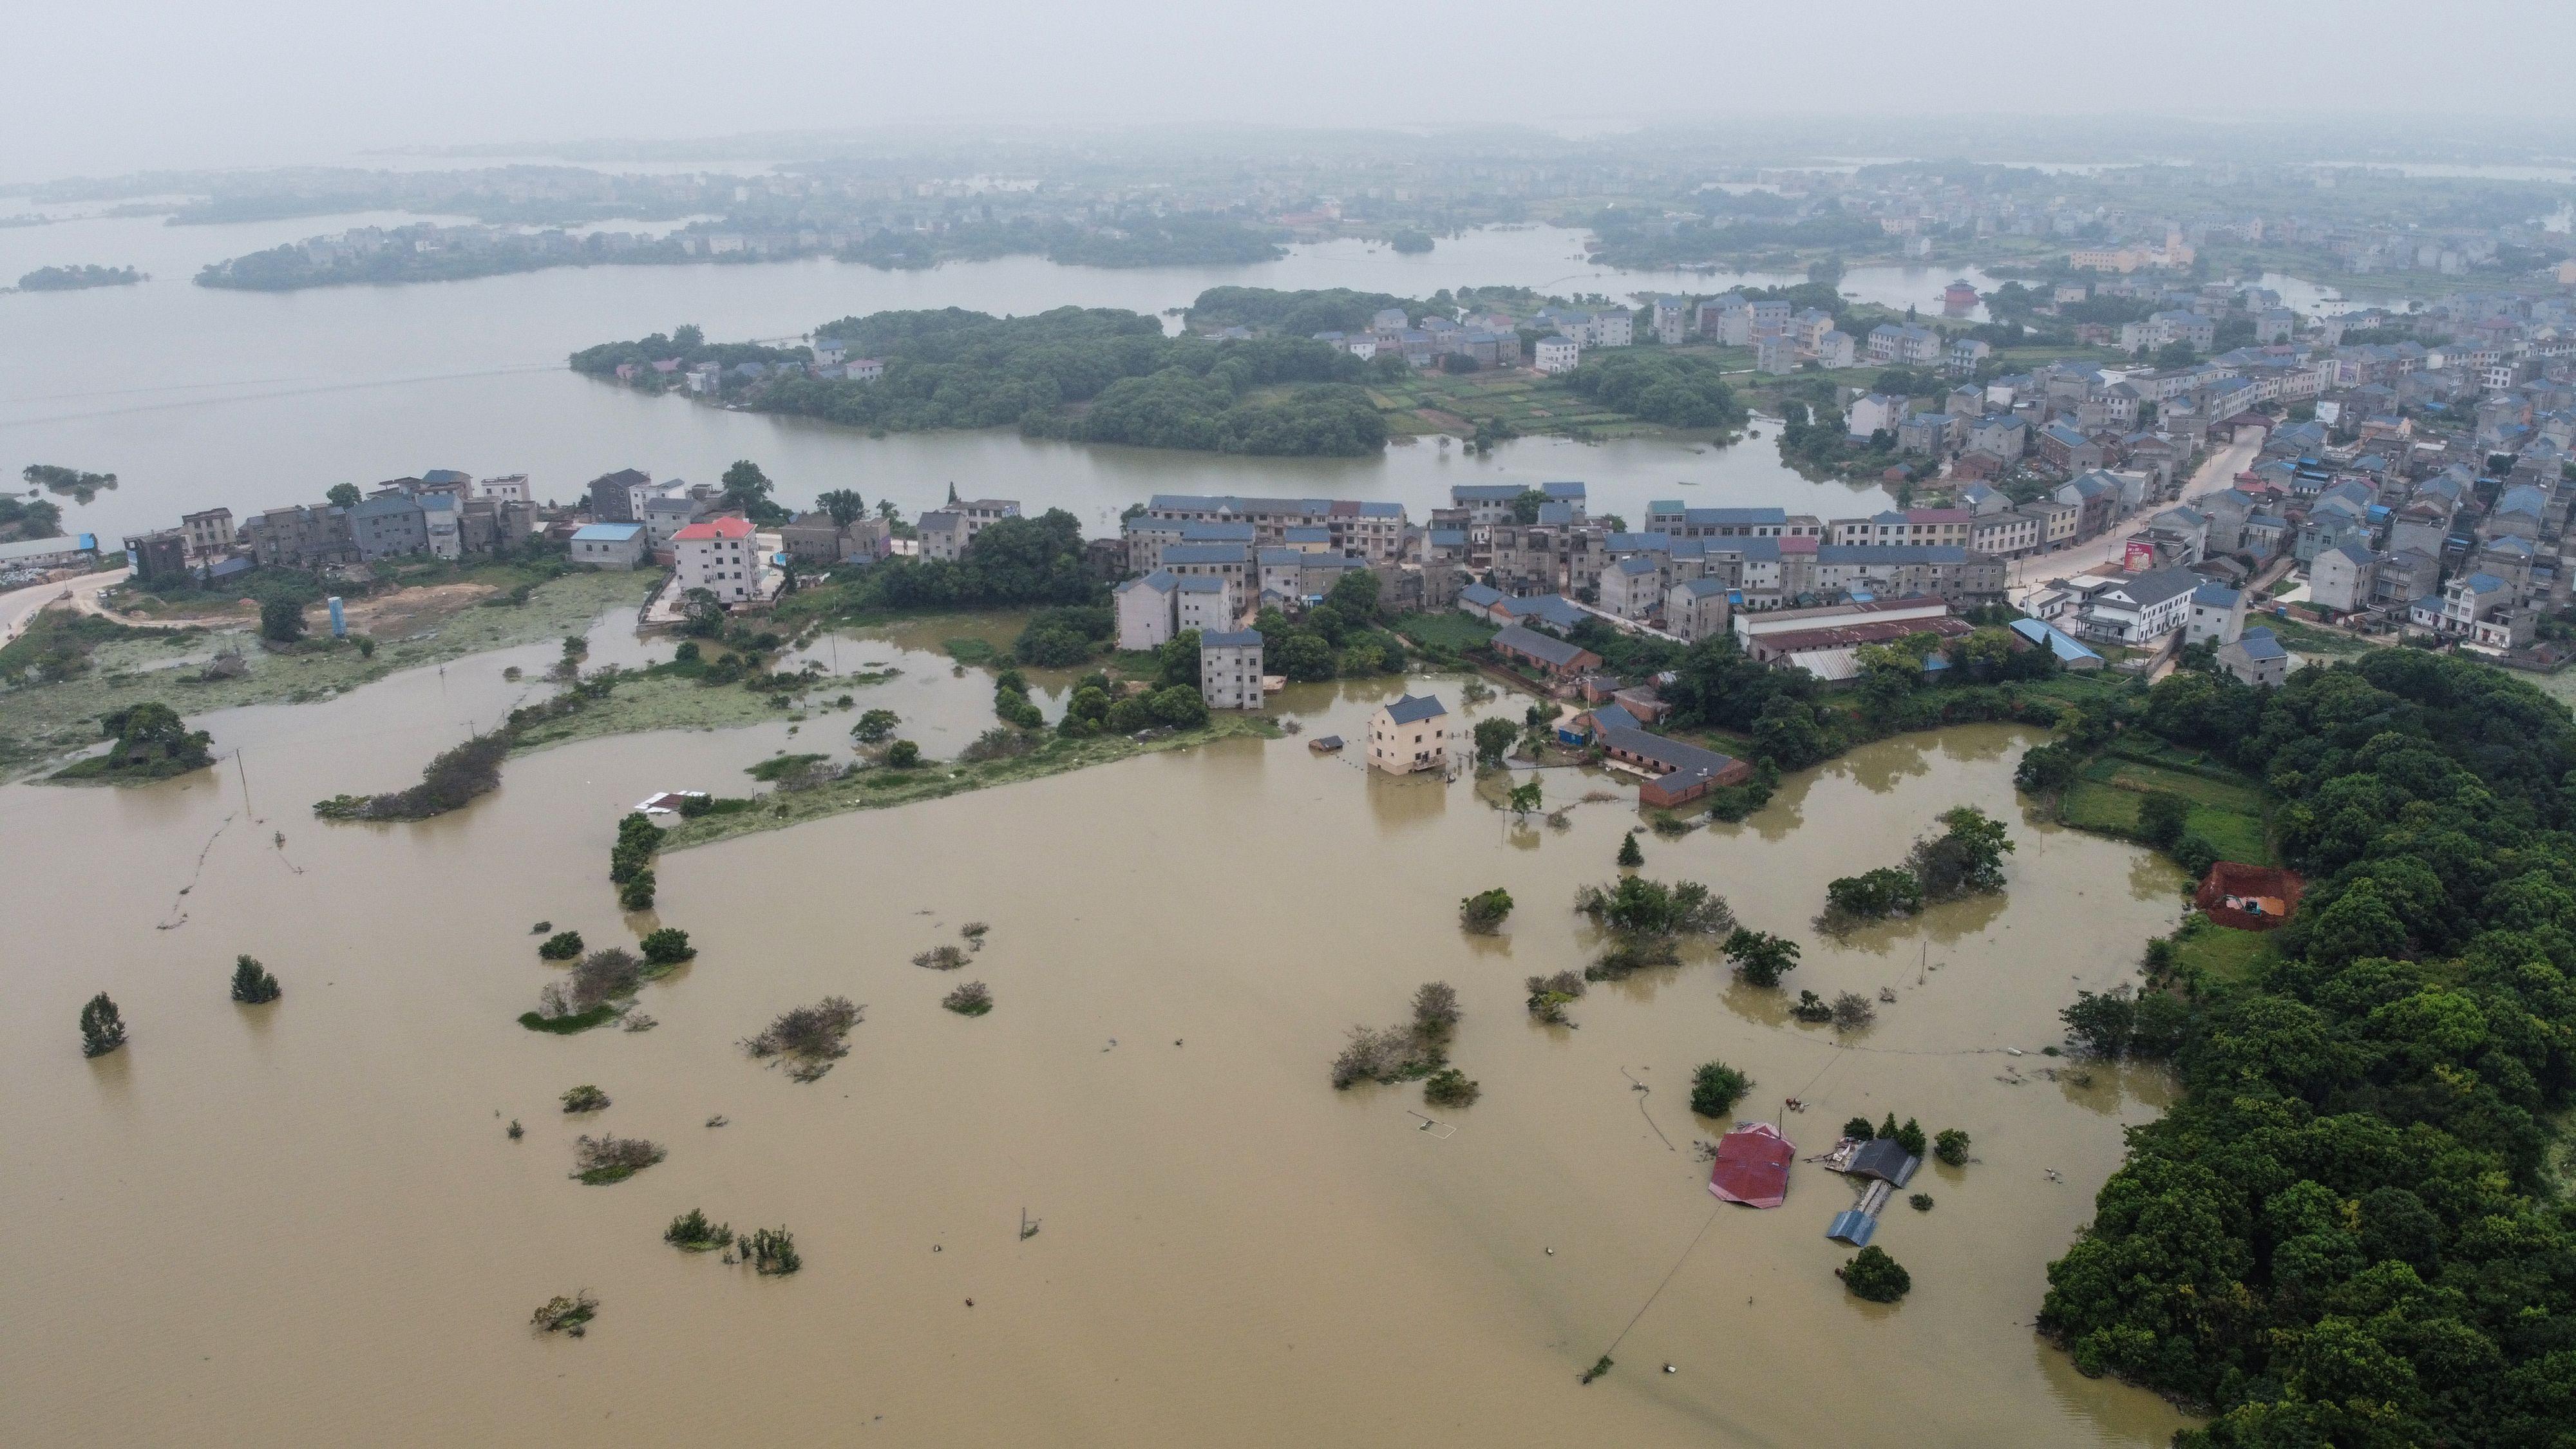 鍾原:洪災怵目驚心 北戴河會議沒完沒了